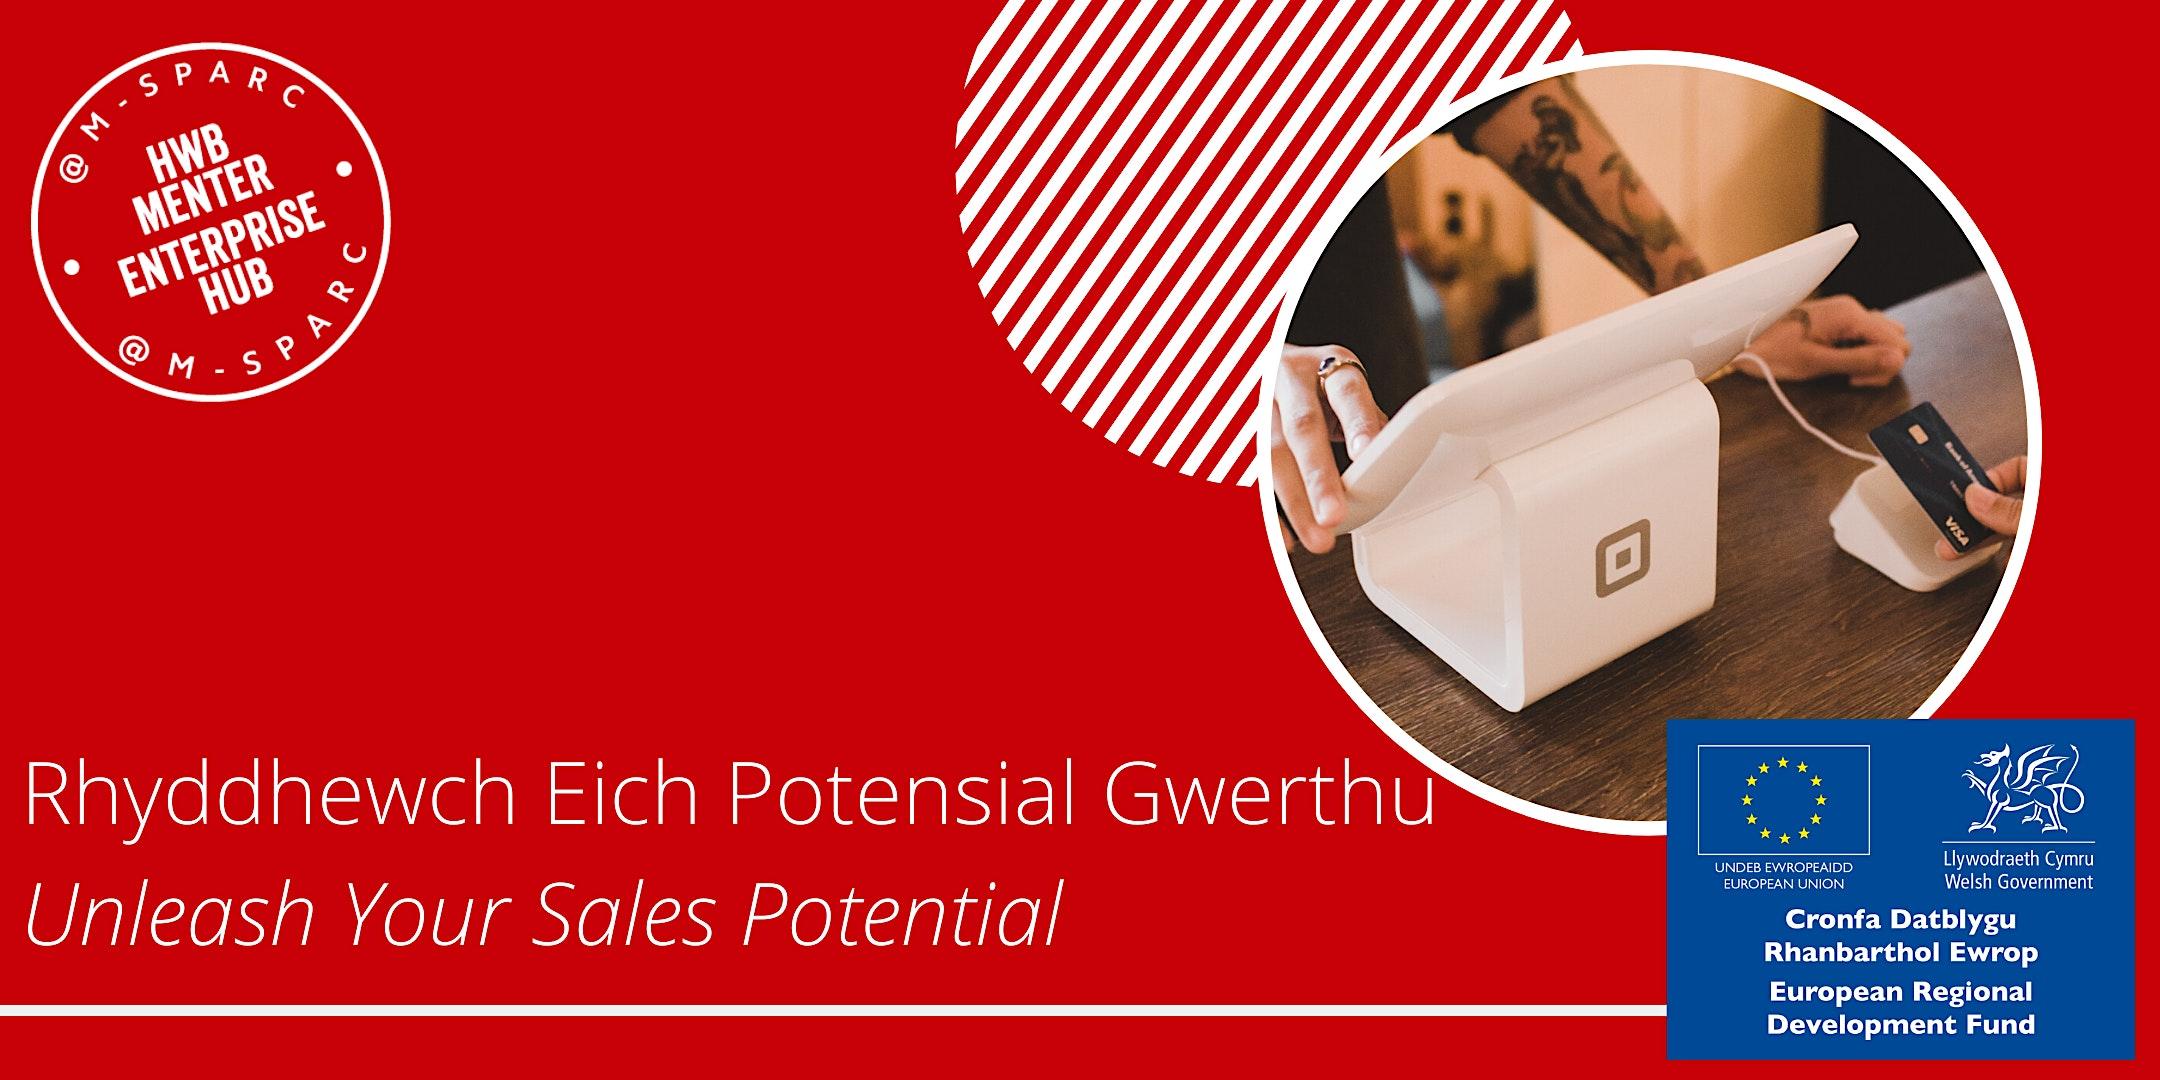 Covid-19: Rhyddhewch Eich Potensial Gwerthu / Unleash Your Sales Potential